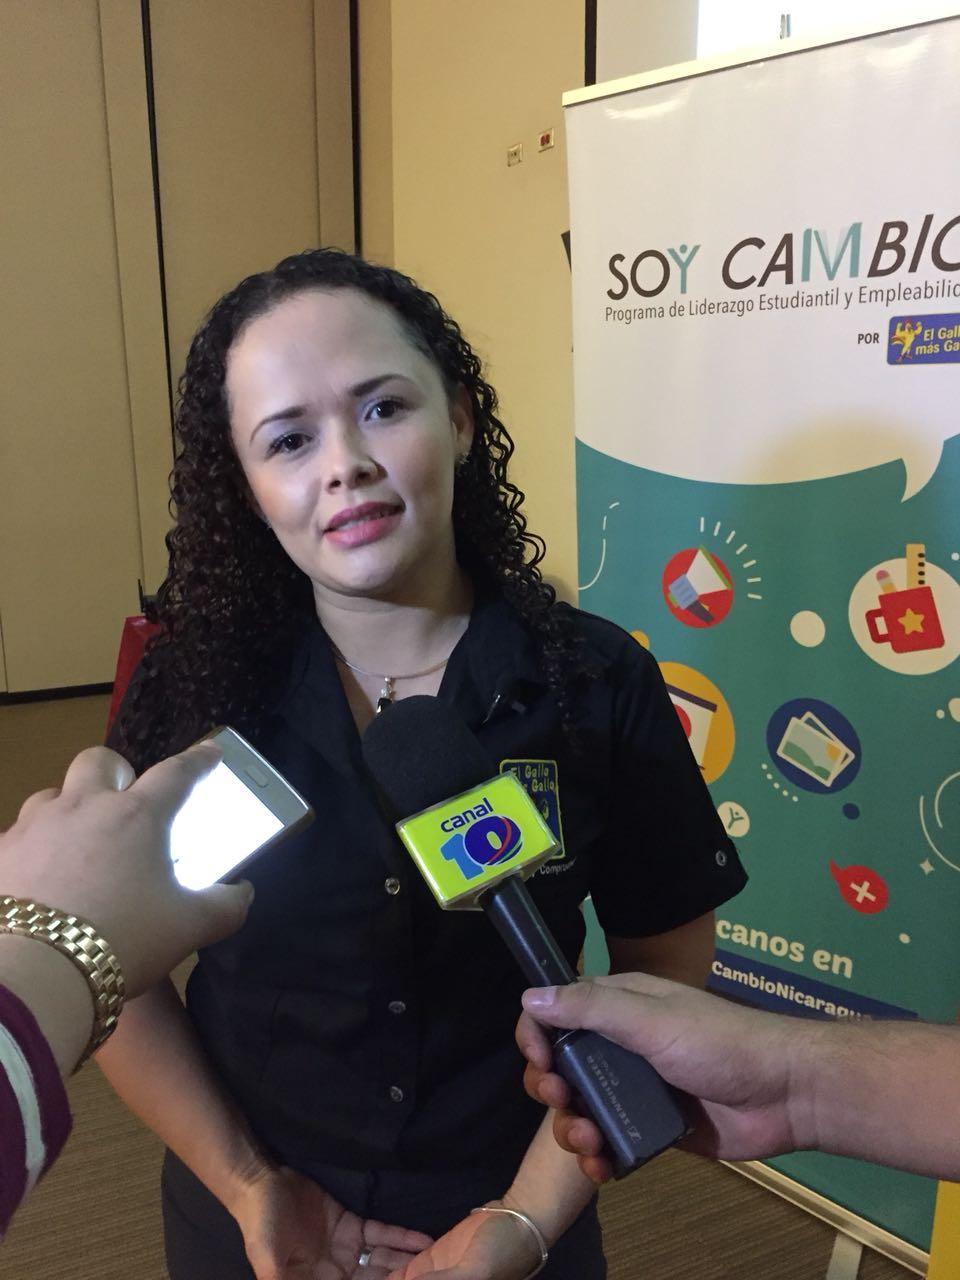 Anielka Morales, Coordinadora de Responsabilidad Empresarial de El Gallo más Gallo